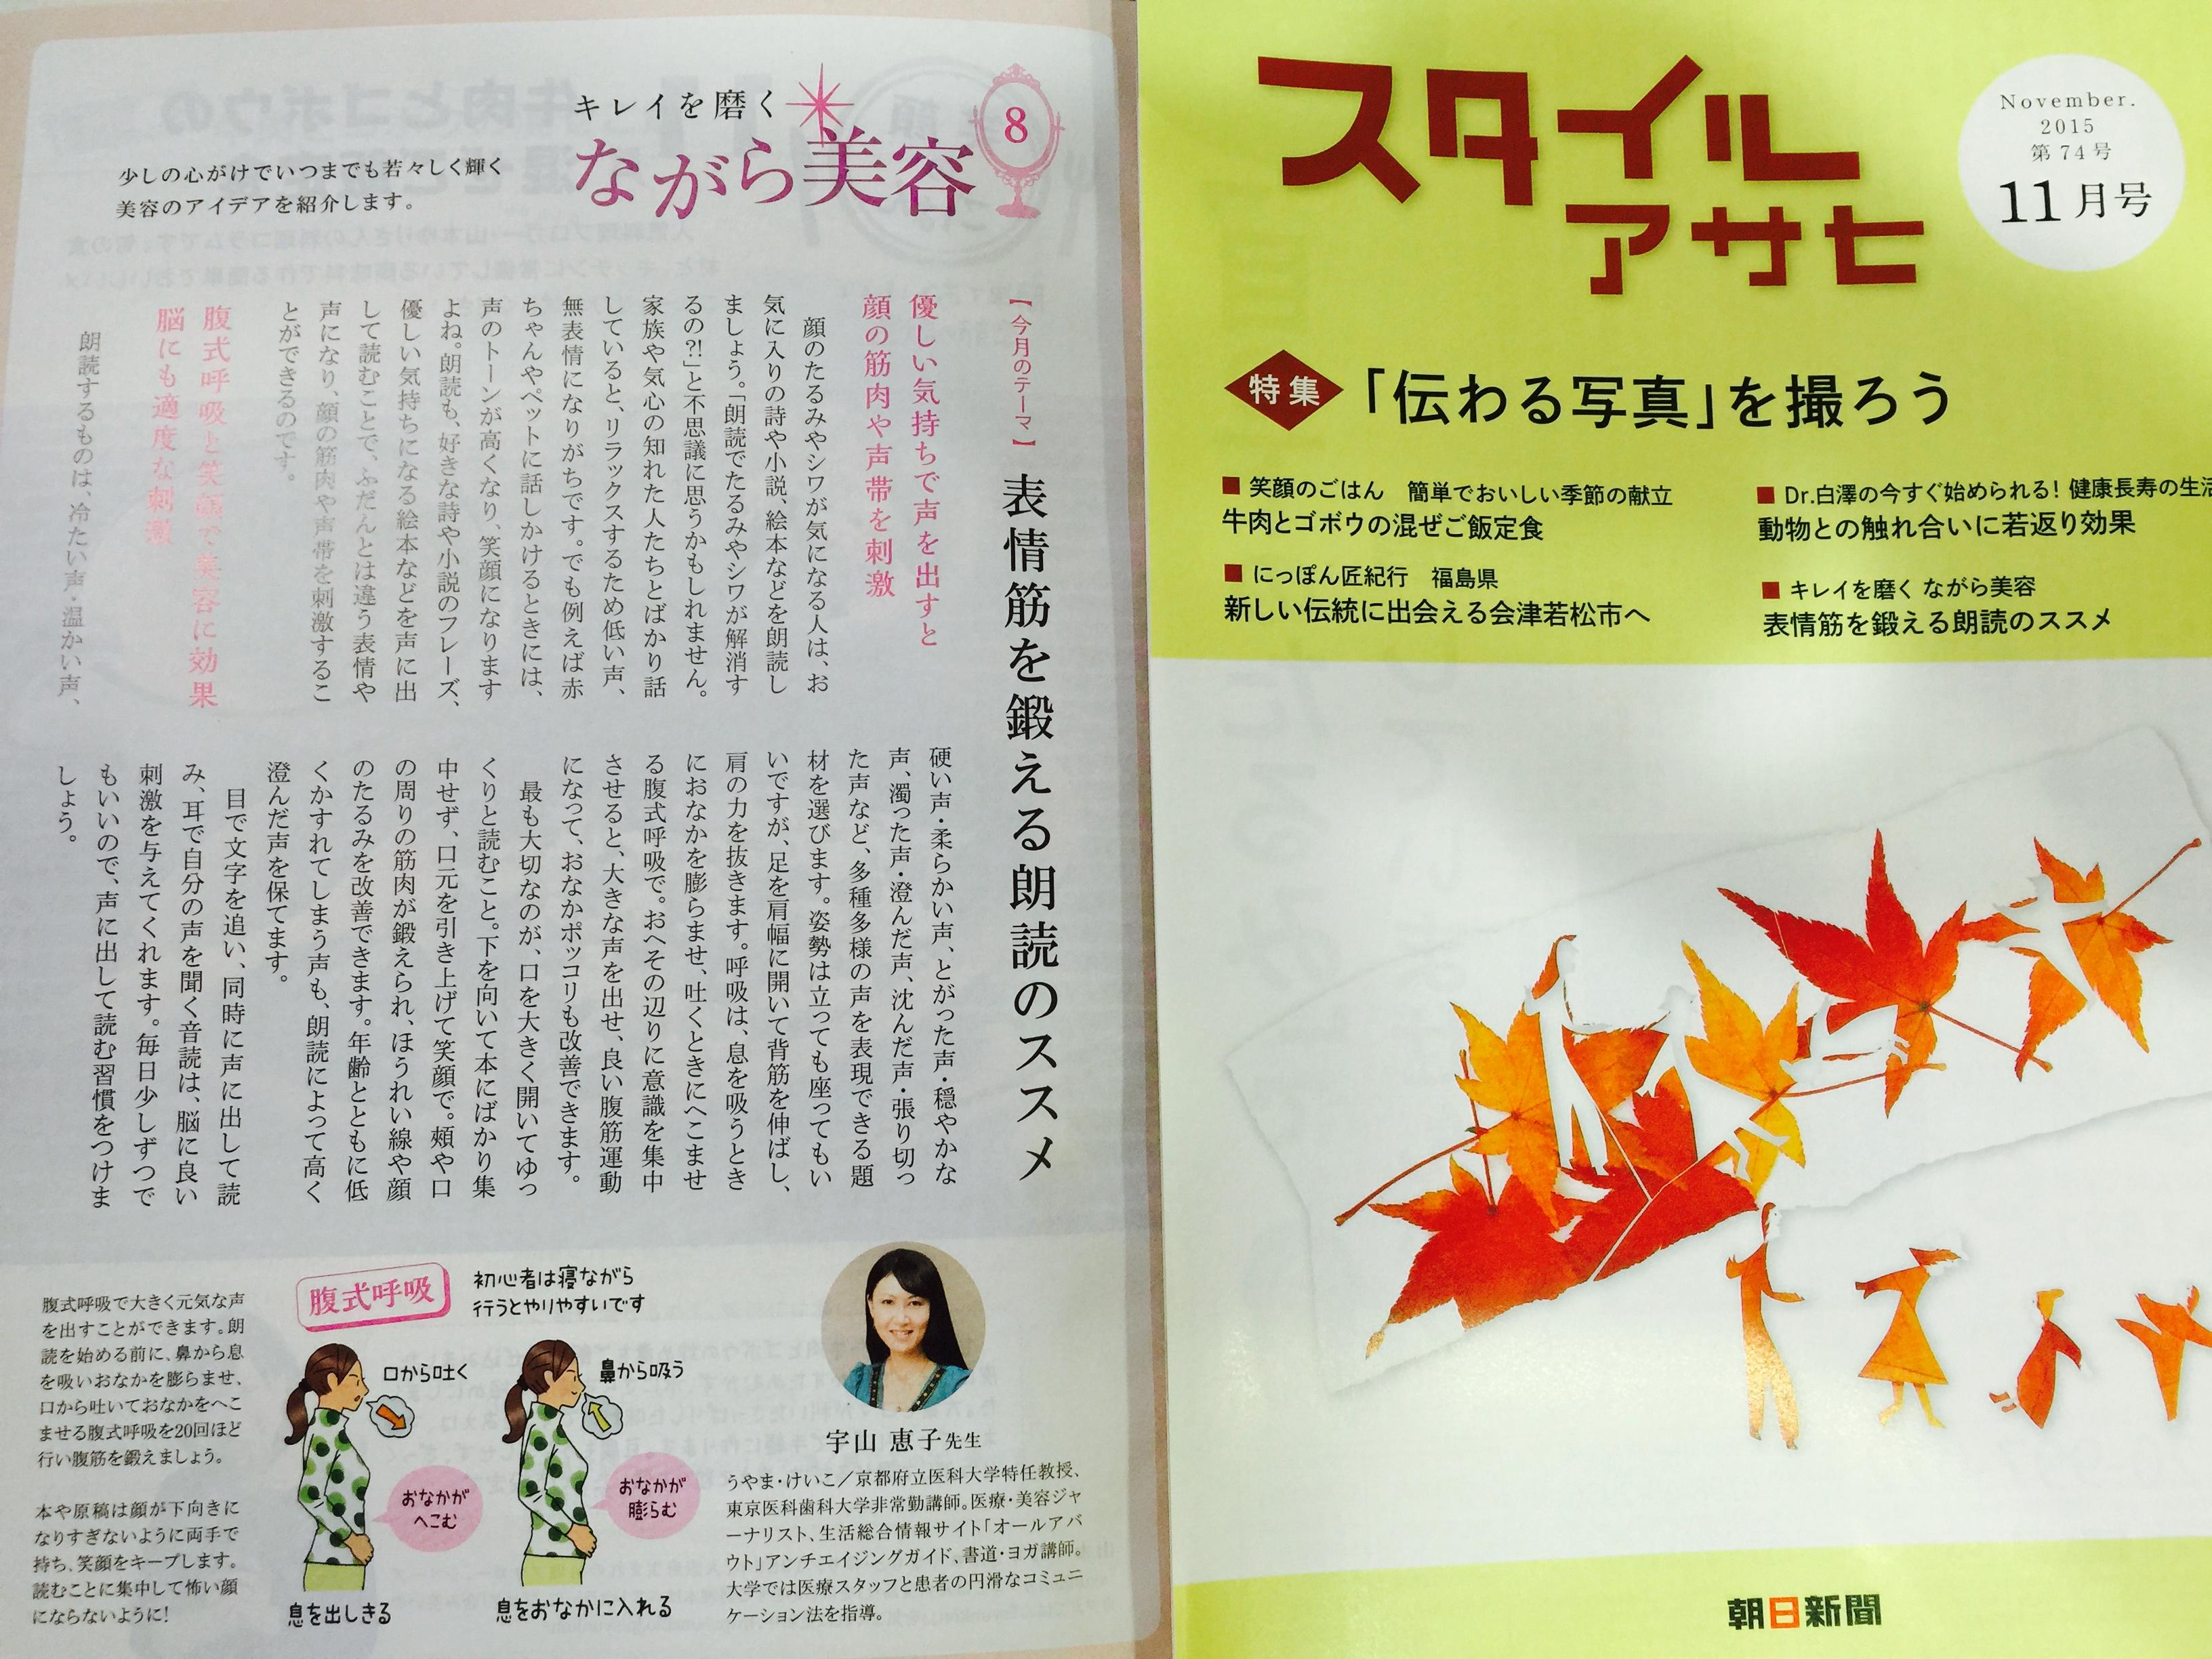 朝日新聞の「スタイルアサヒ」に連載しています